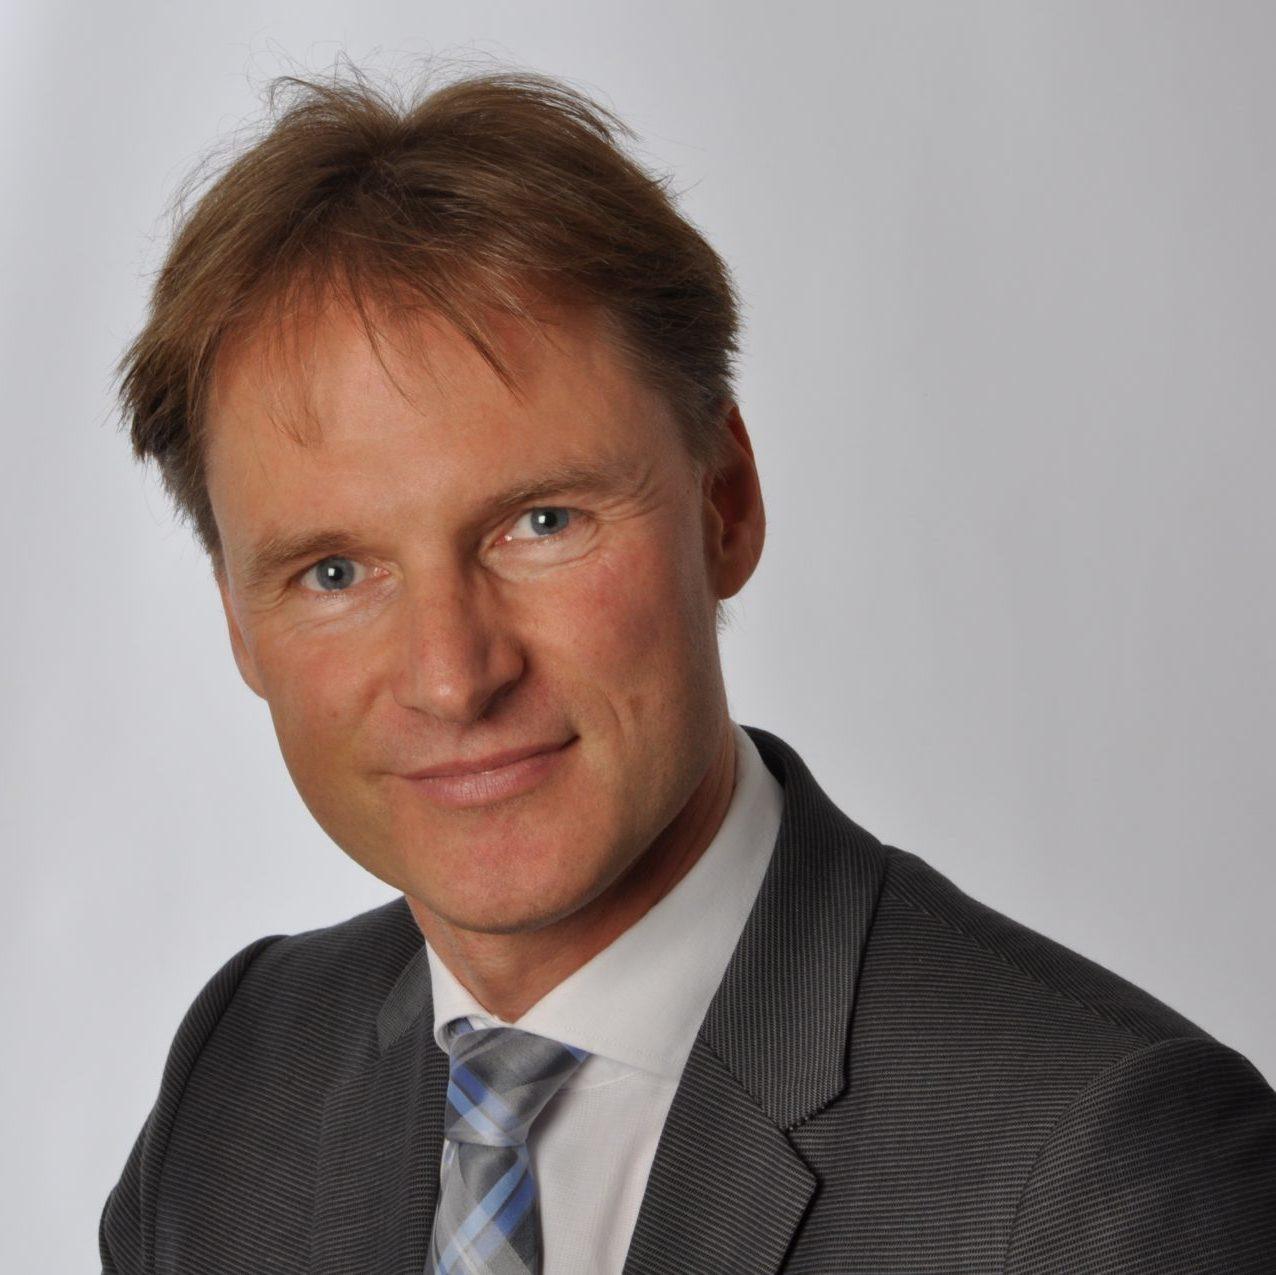 Prof. Stefan Wolfart